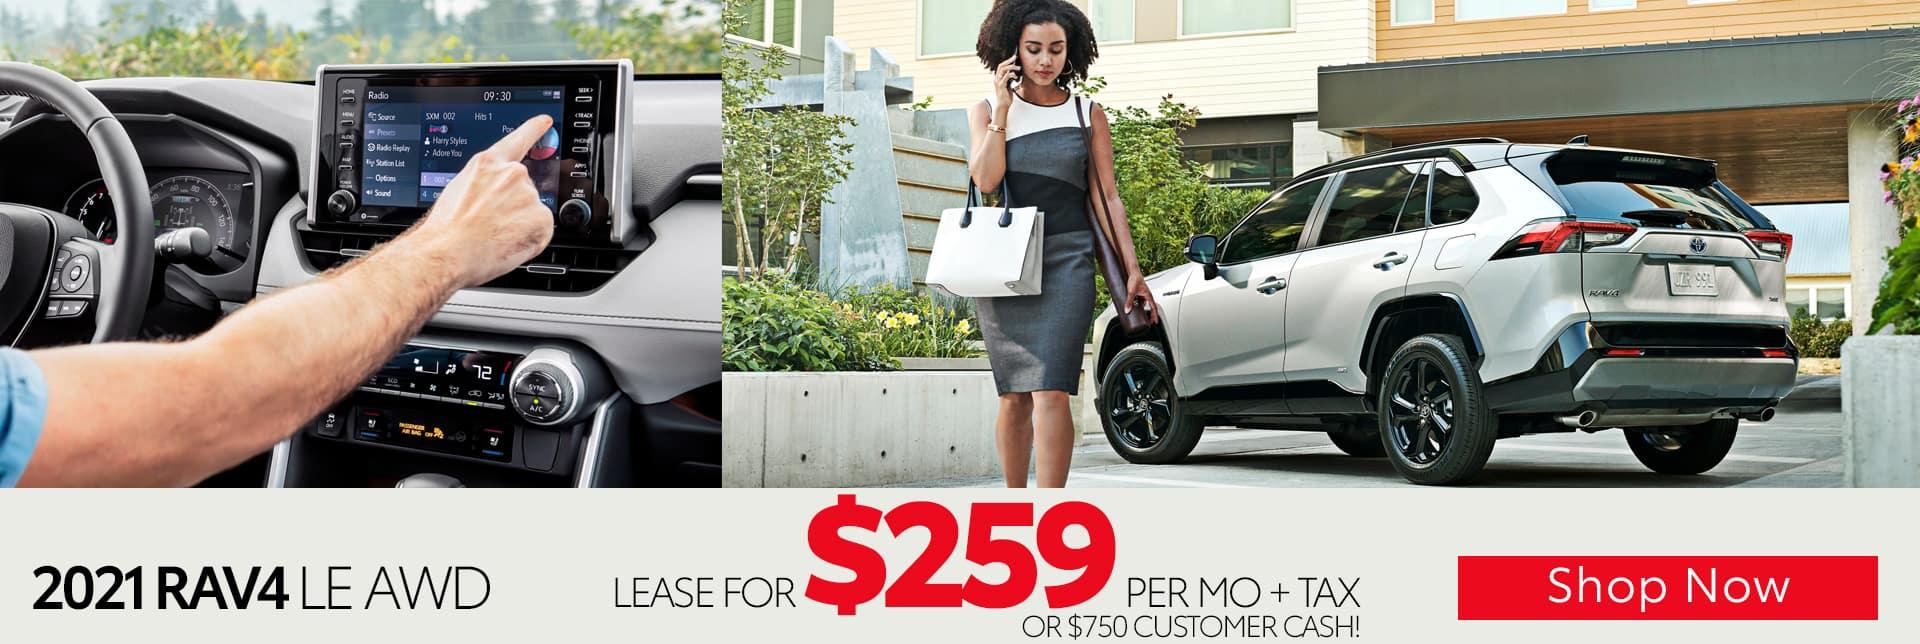 2021 Toyota RAV4 LE AWD lease offer